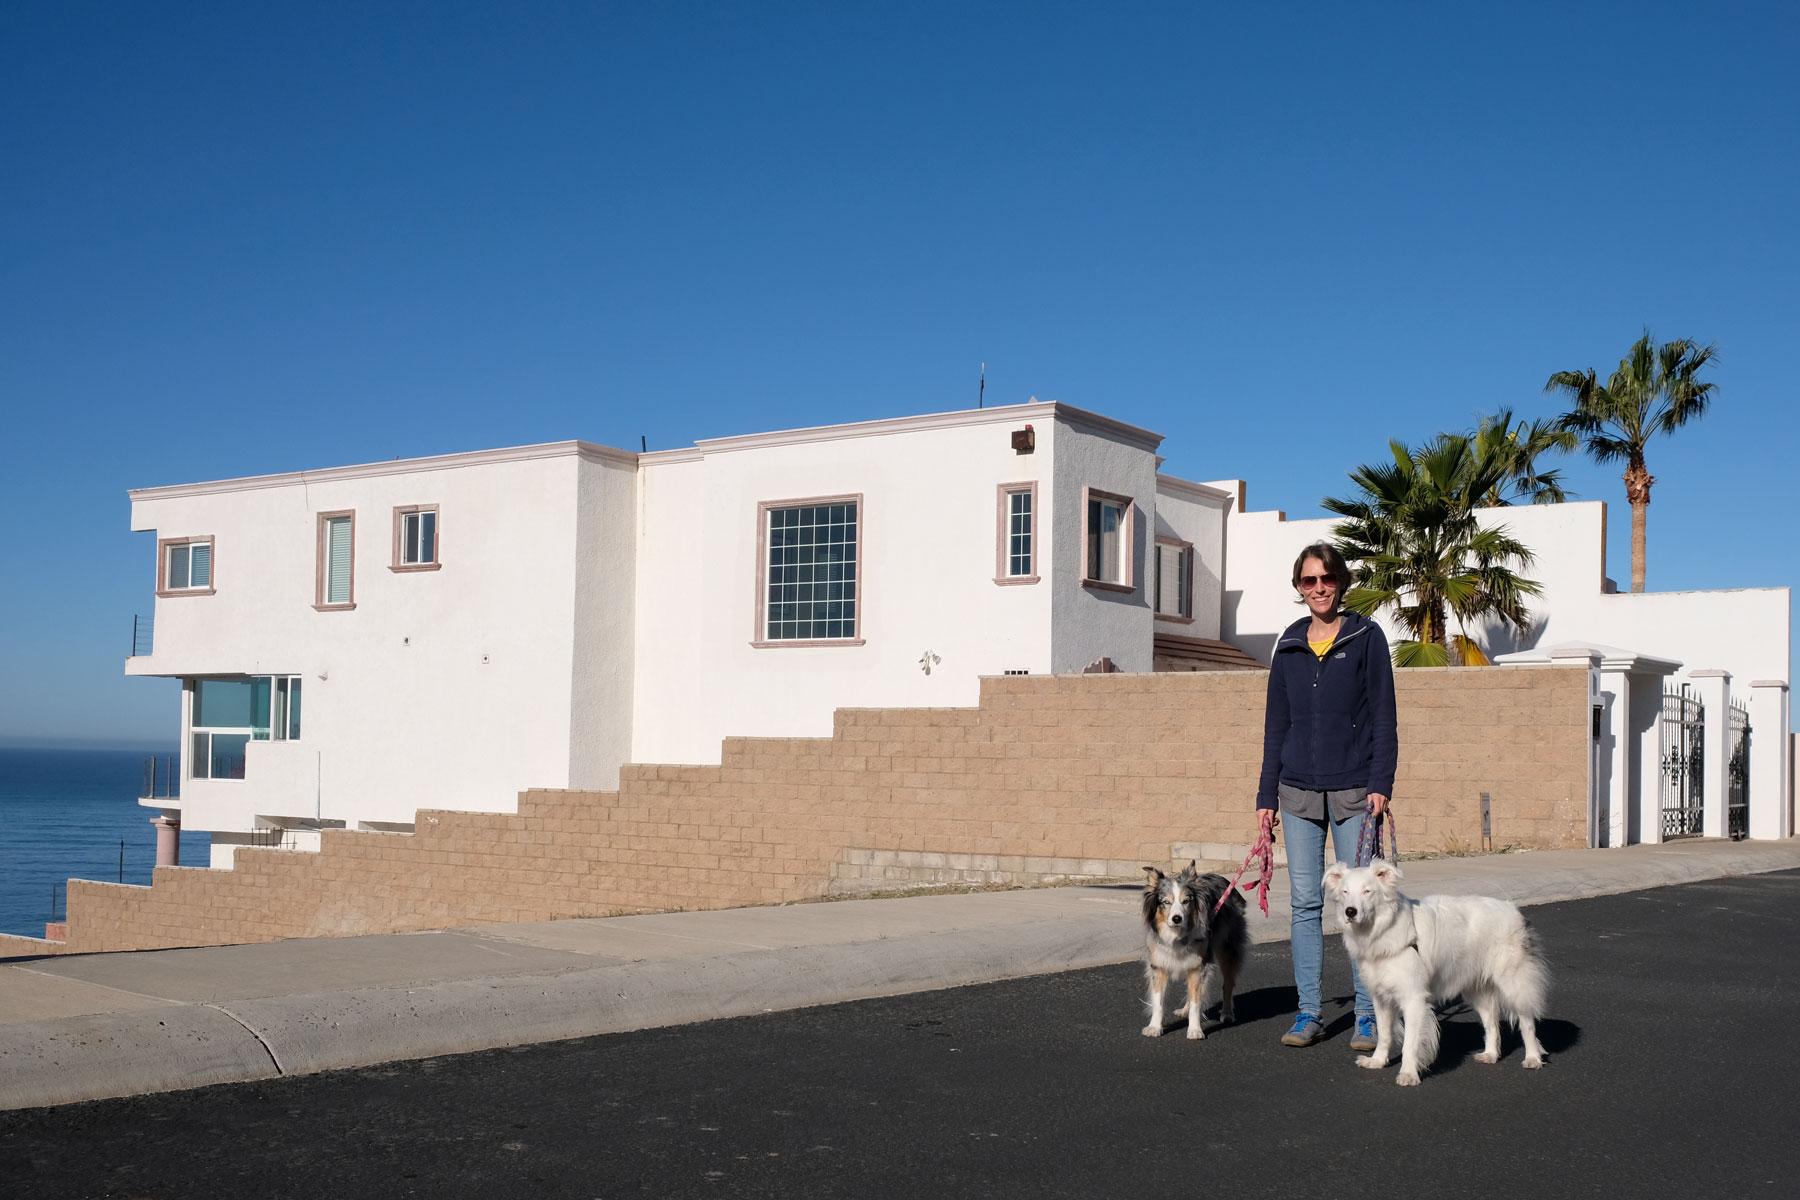 Leo mit zwei Hunden vor einem Haus in Mexiko, in dem wir House Sitting machen.